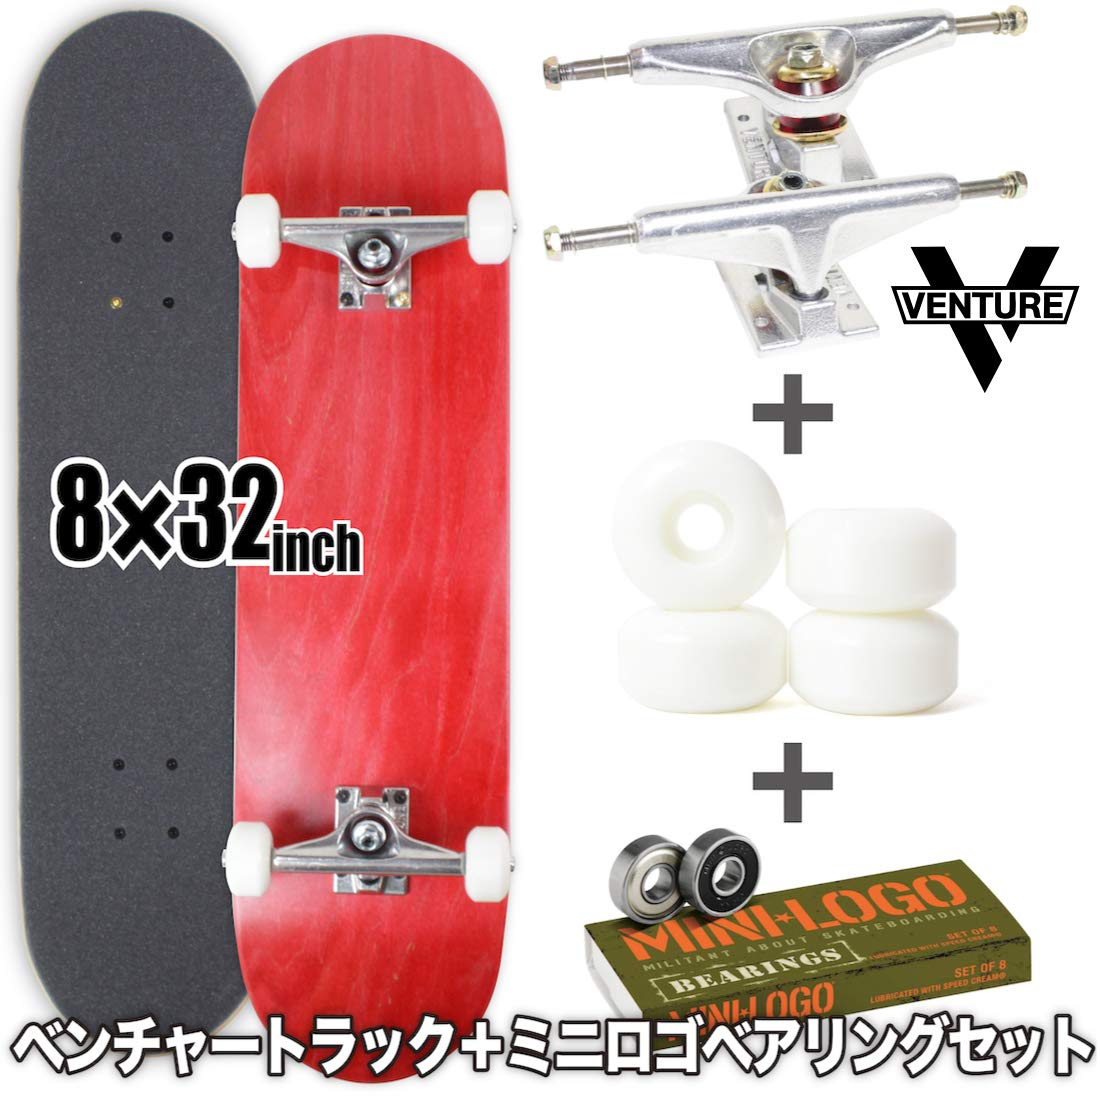 【8.0】オリジナル スケートボードセット/ベンチャートラック+ミニロゴベアリング | スケボーセット 高品質ブランクデッキ+ウィール 組立済み | 赤 Blank Deck